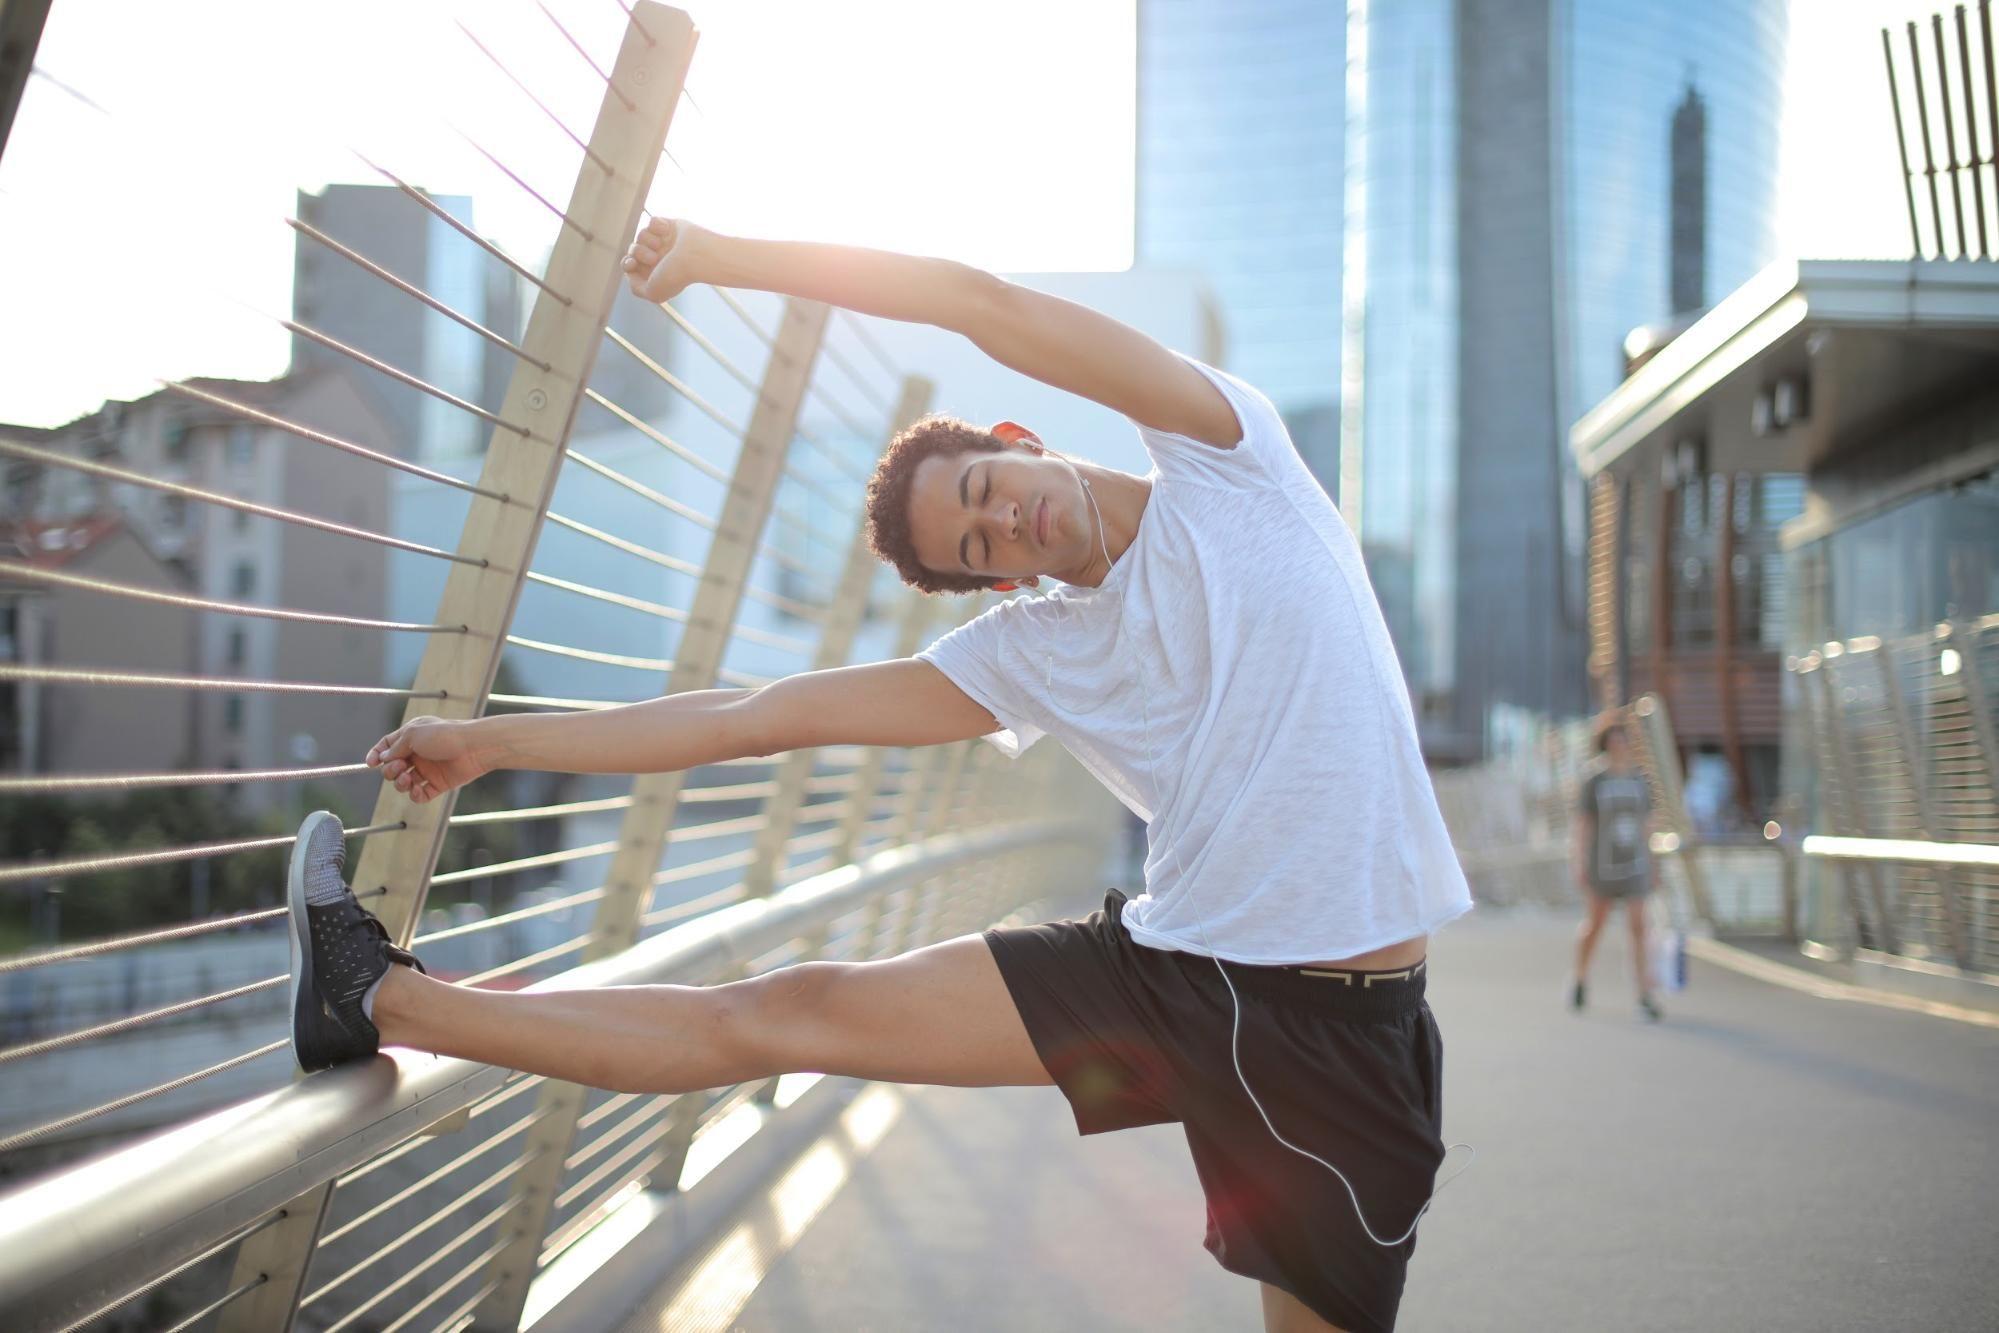 Тренировка для ног: комплекс упражнений и рекомендации - изображение 4